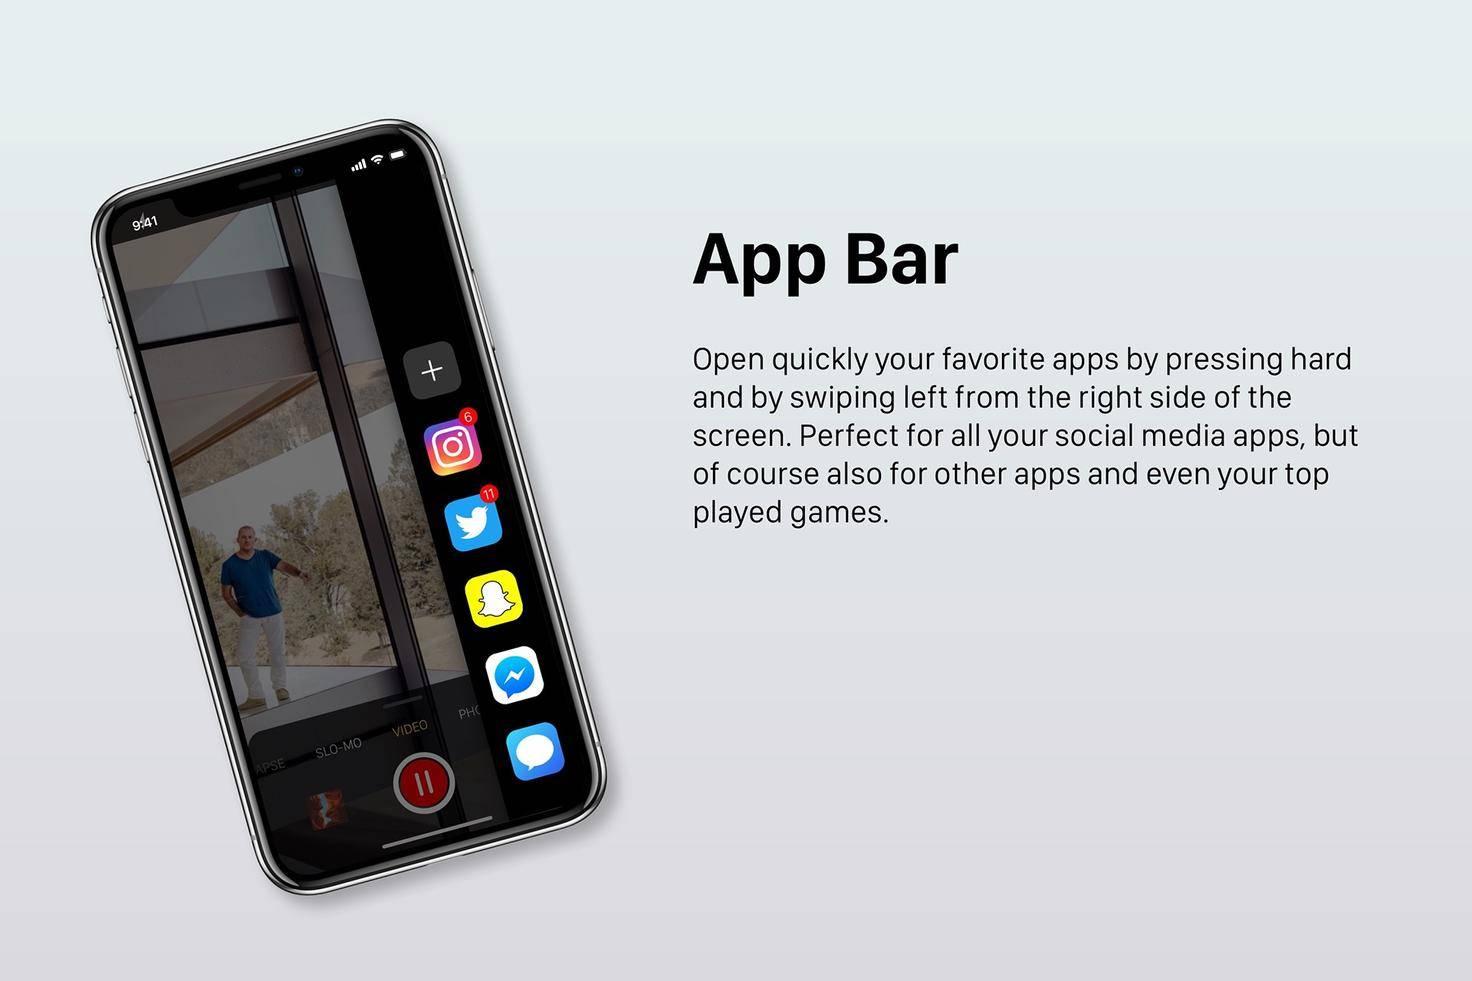 Eine App Bar für schnellen Zugriff auf die Lieblings-Apps.